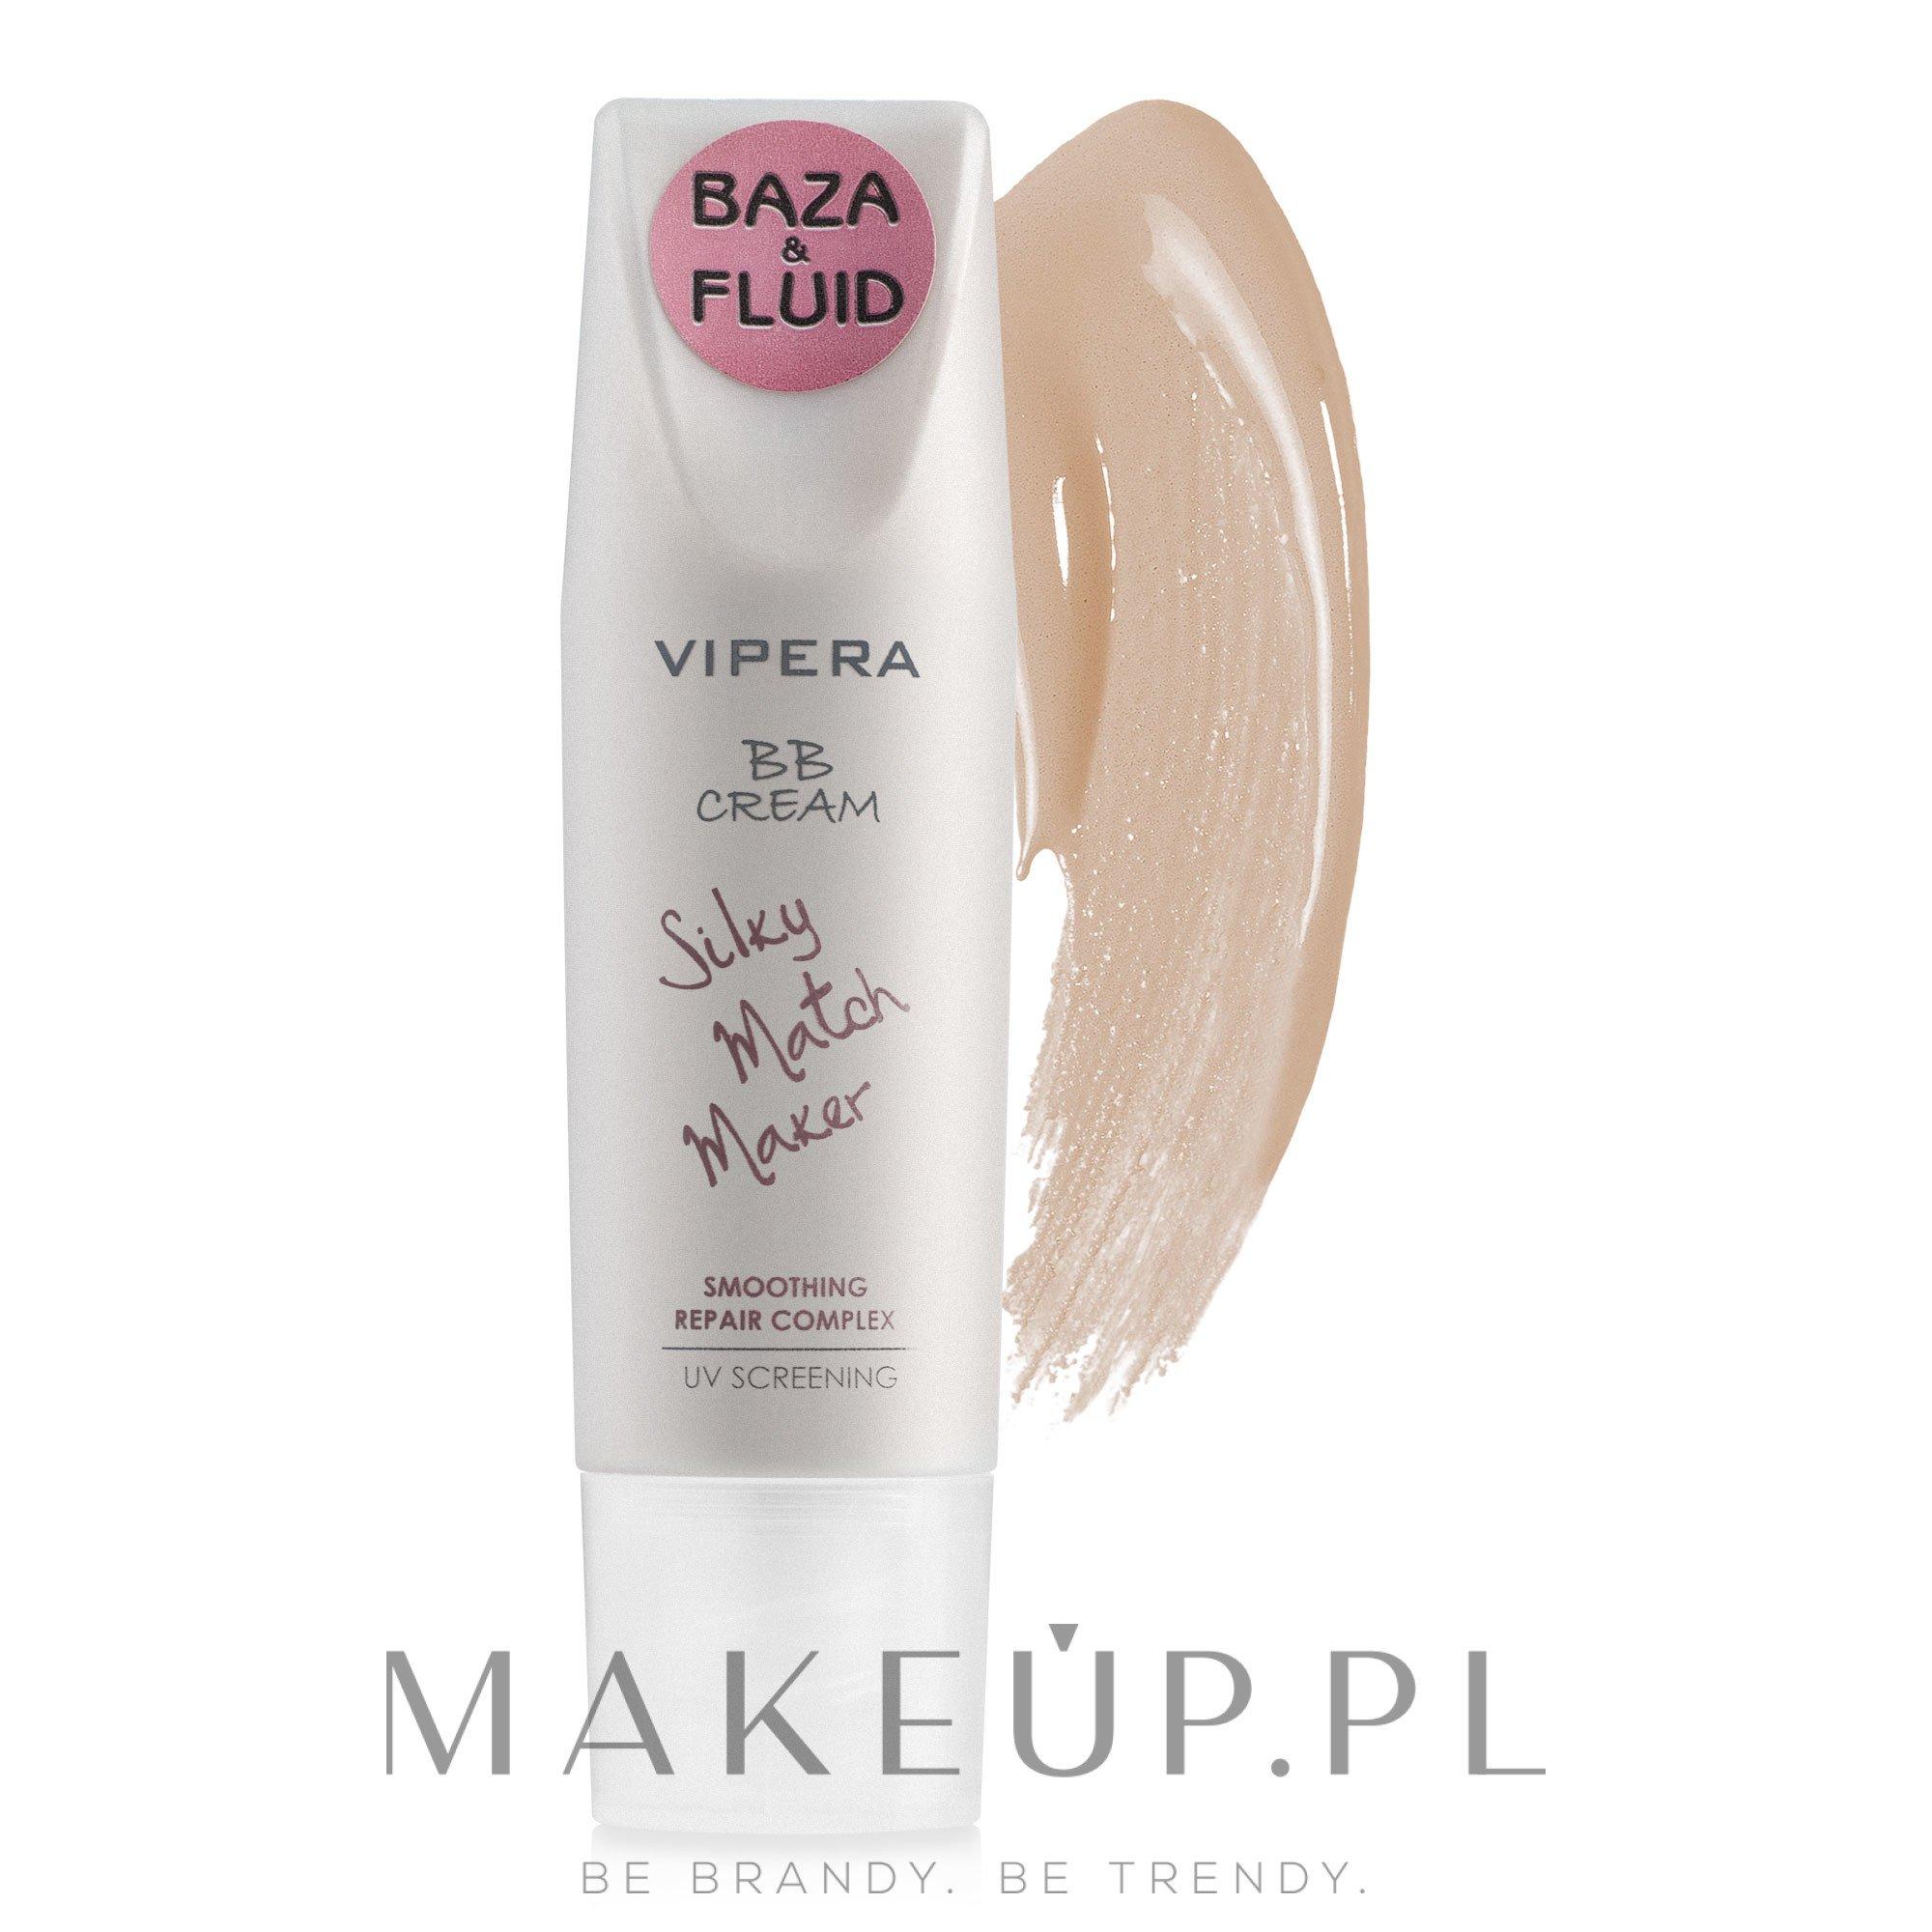 Krem BB do cery przetłuszczającej się - Vipera BB Cream Silky Match Maker — фото 04